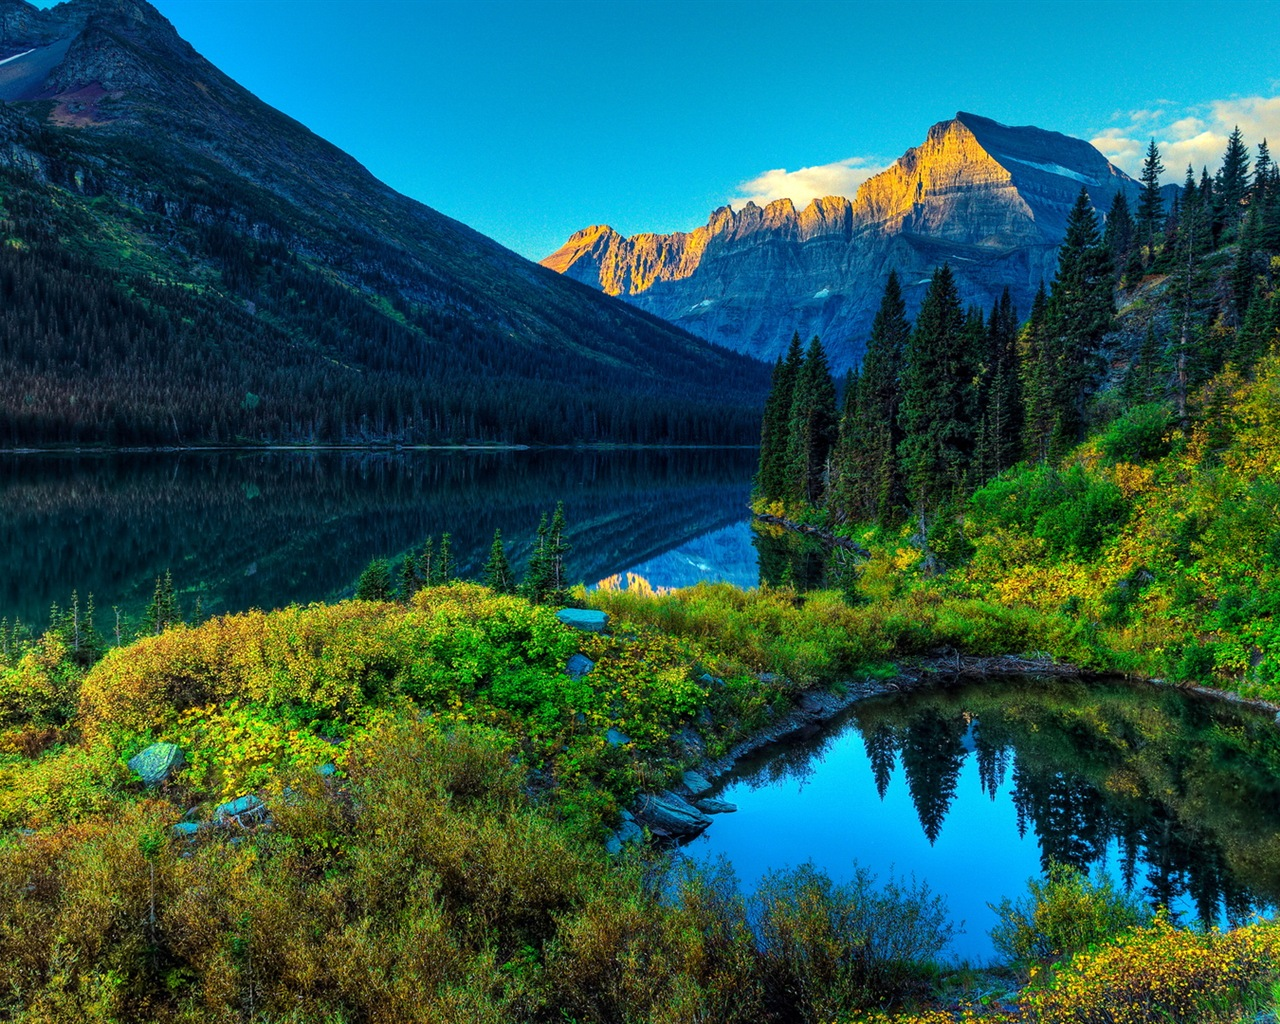 唯美自然山水风景 高清壁纸1 - 1280x1024图片